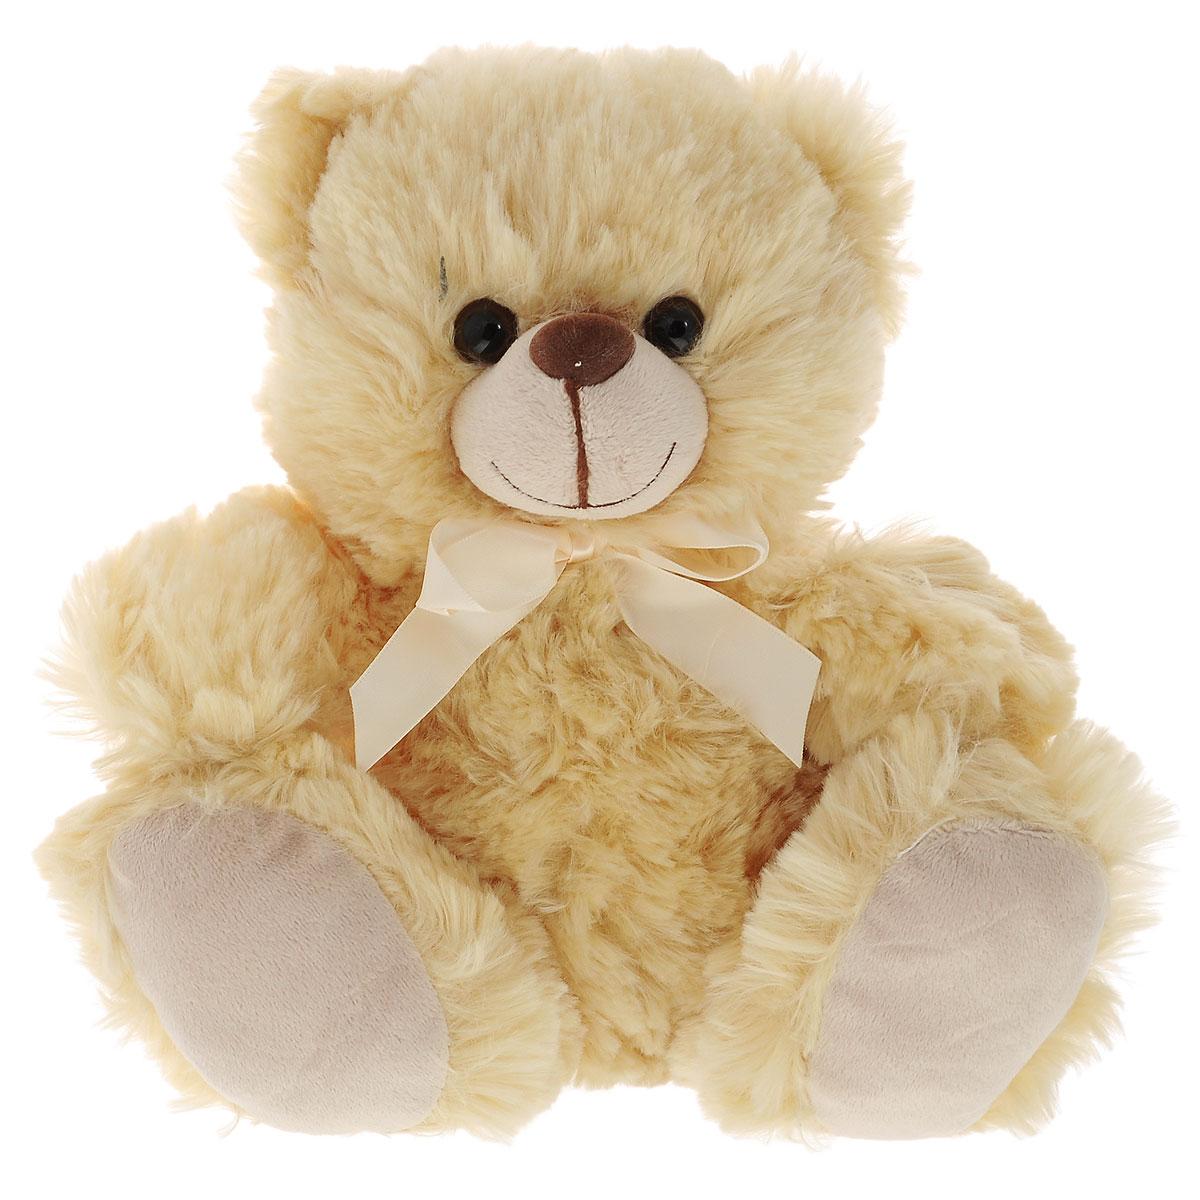 Мягкая озвученная игрушка Plush Apple Мишка, 26 см мягкая игрушка plush apple медведь мишуткин с сердцем 30 см